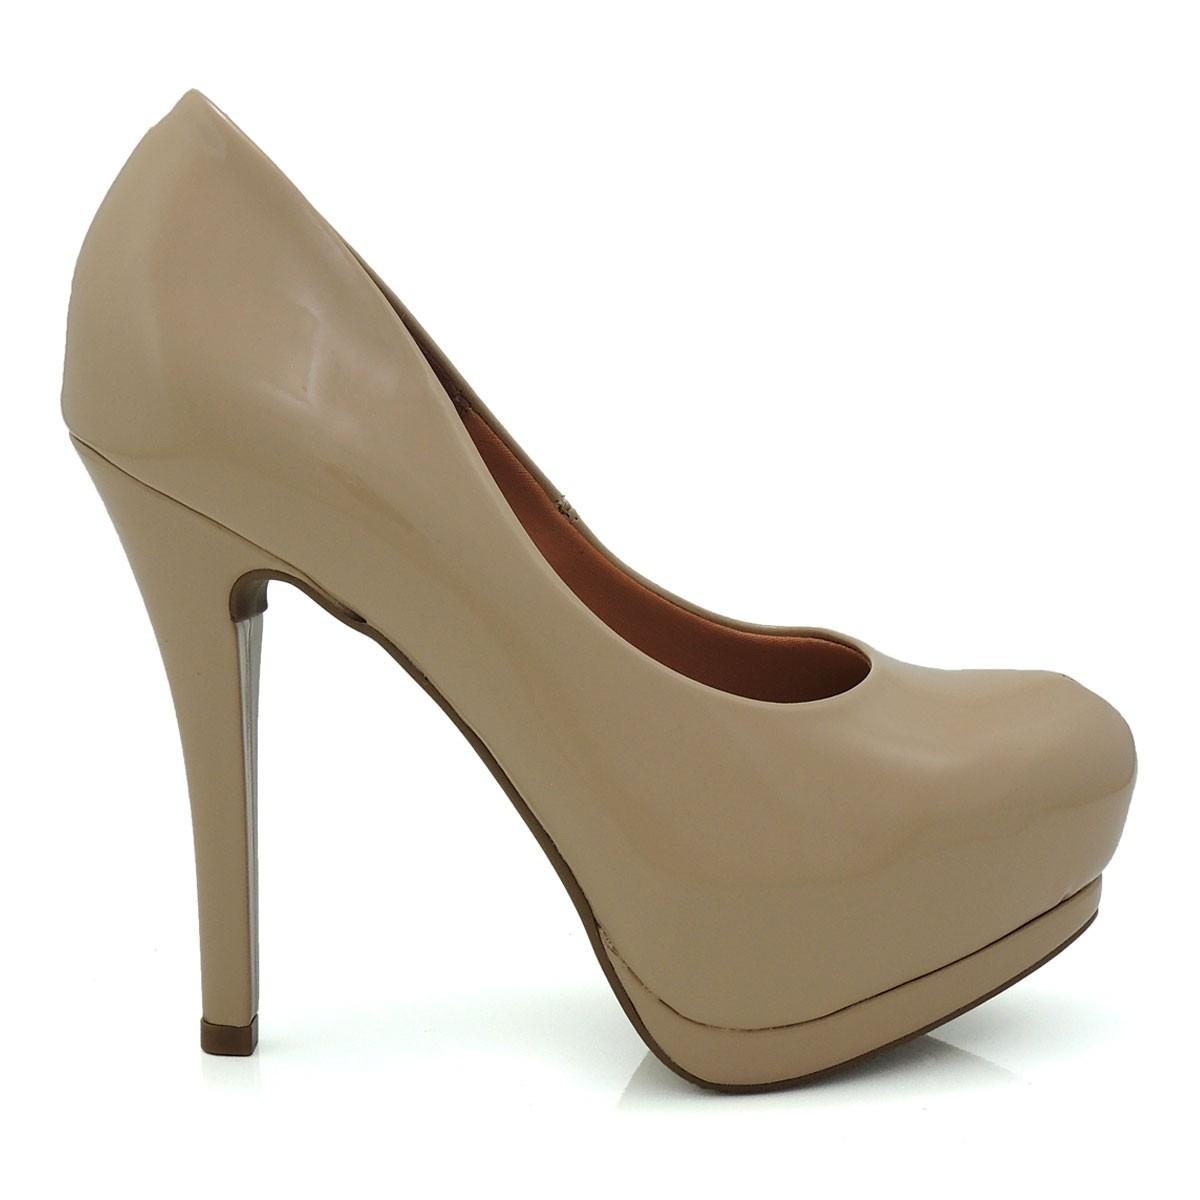 3a3a4f0ecd sapato scarpin feminino vizzano meia pata 115730 verniz bege. Carregando  zoom.